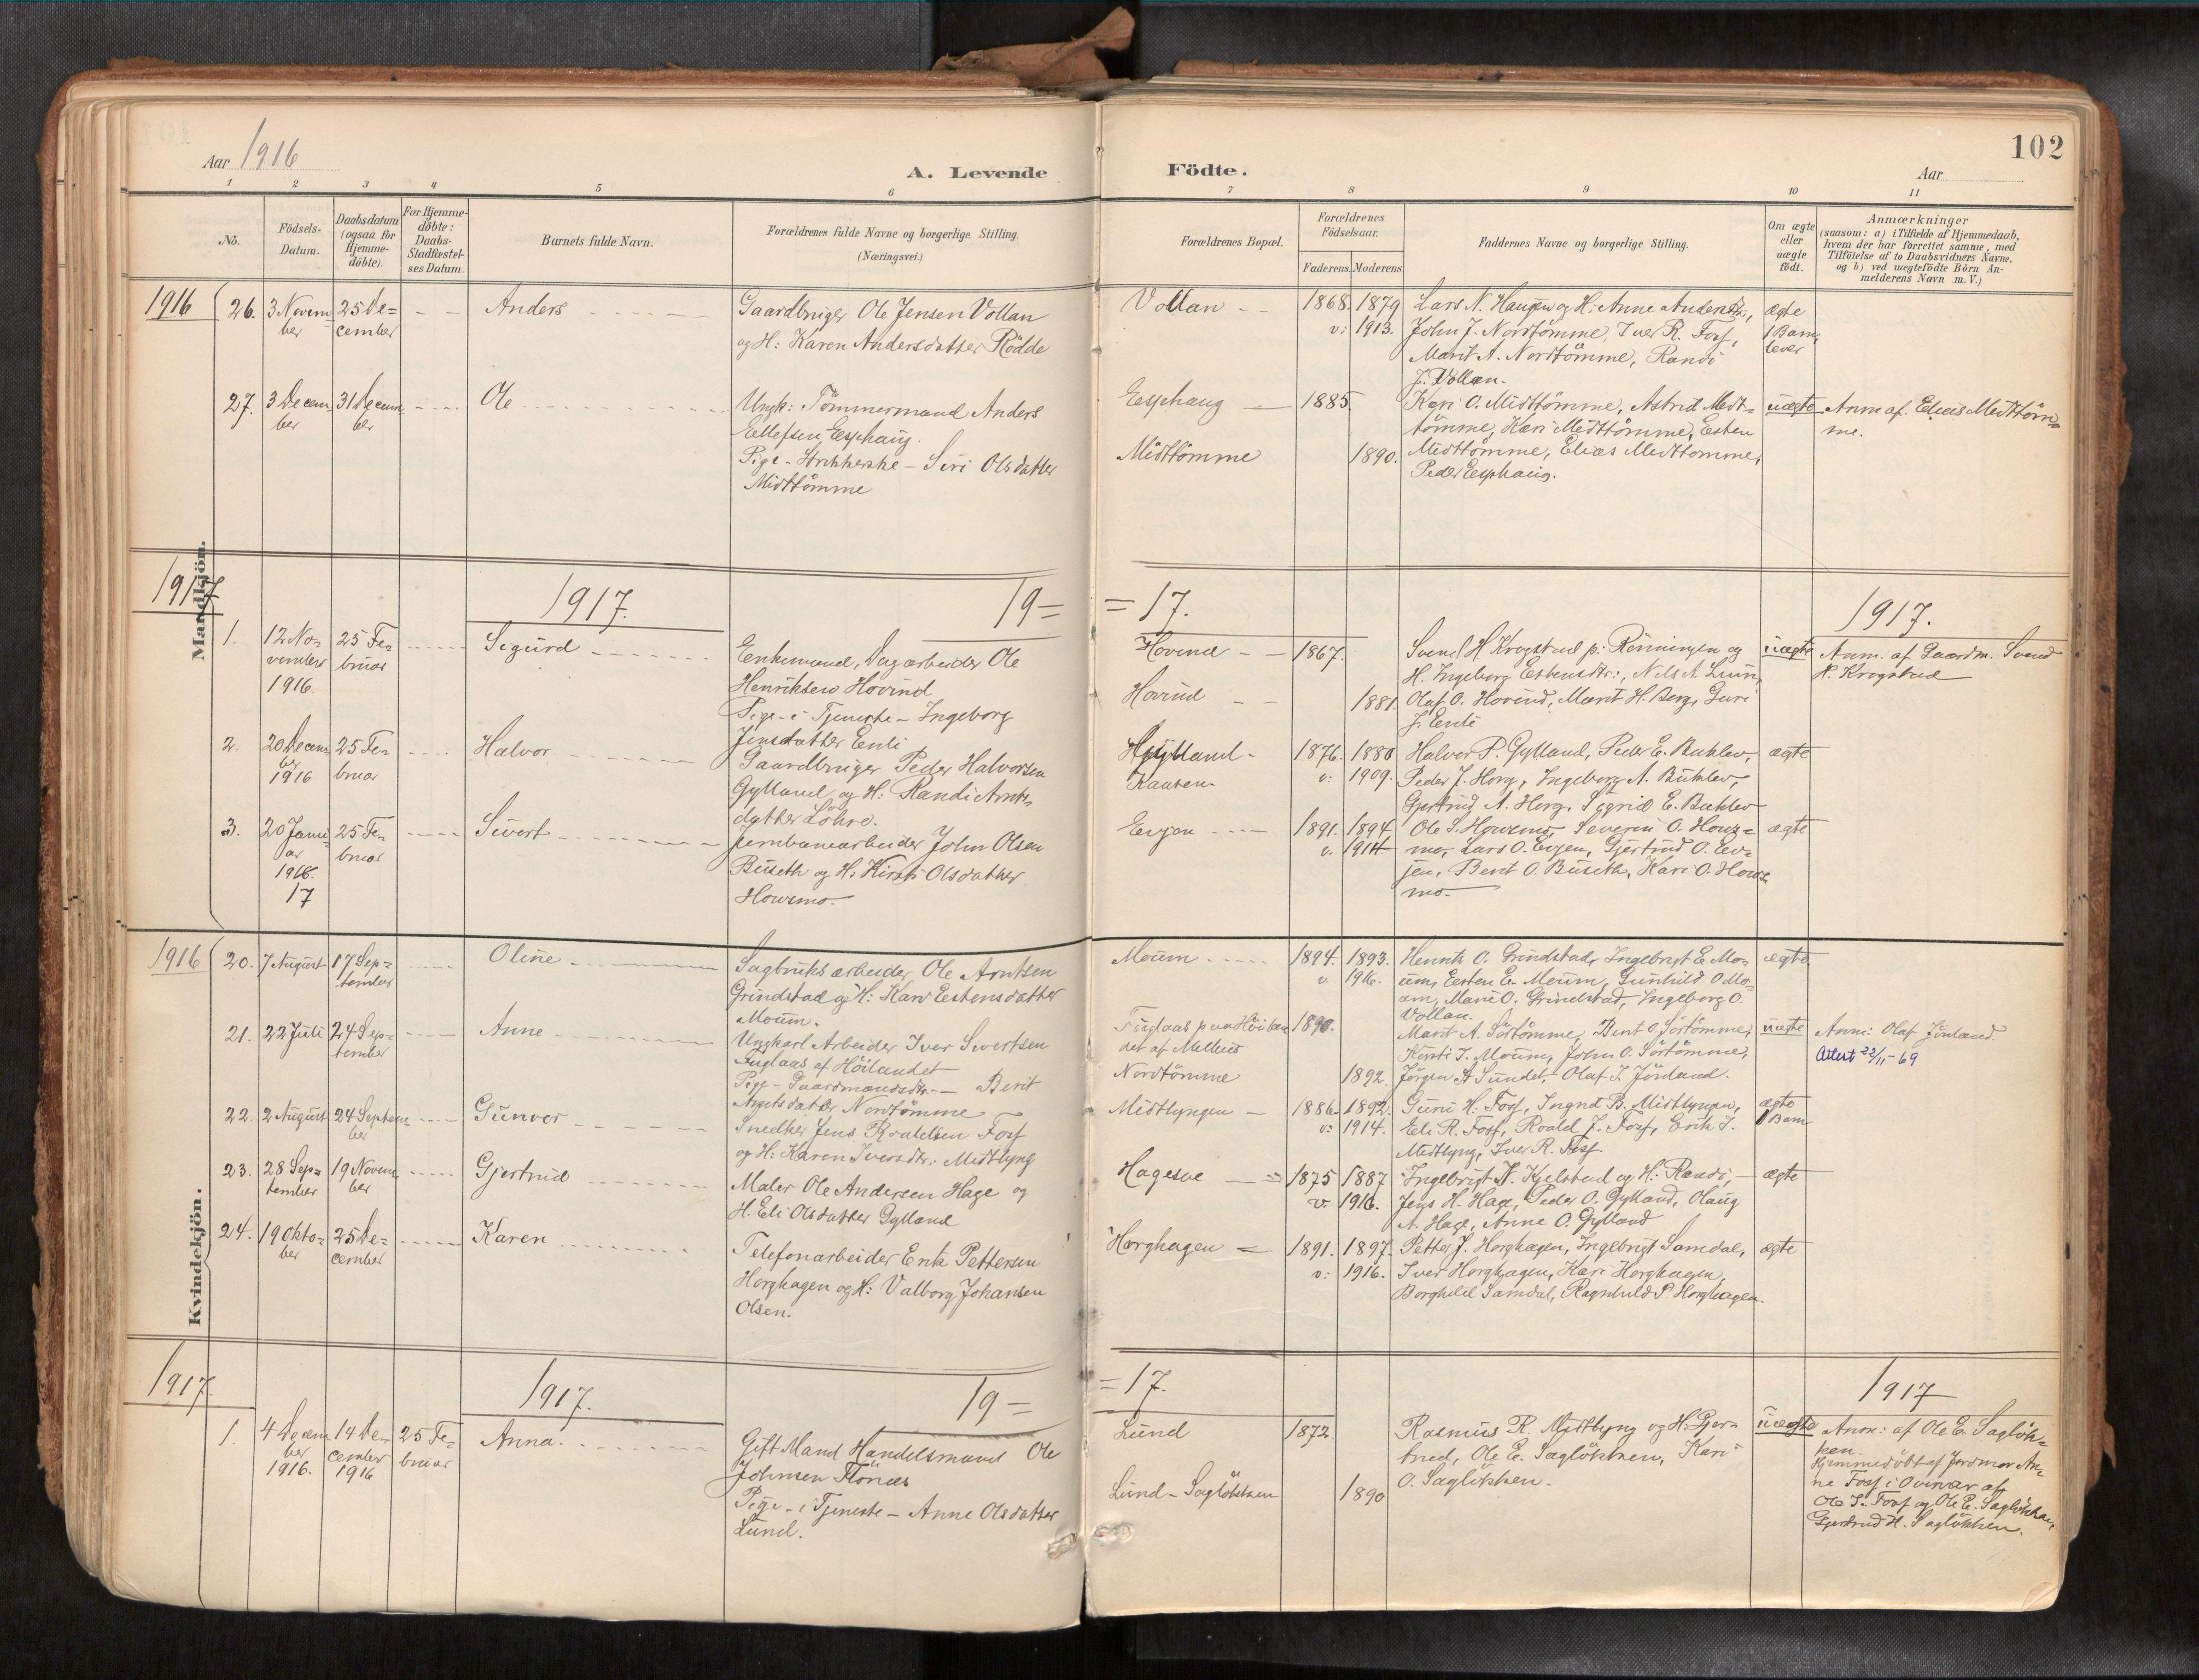 SAT, Ministerialprotokoller, klokkerbøker og fødselsregistre - Sør-Trøndelag, 692/L1105b: Ministerialbok nr. 692A06, 1891-1934, s. 102